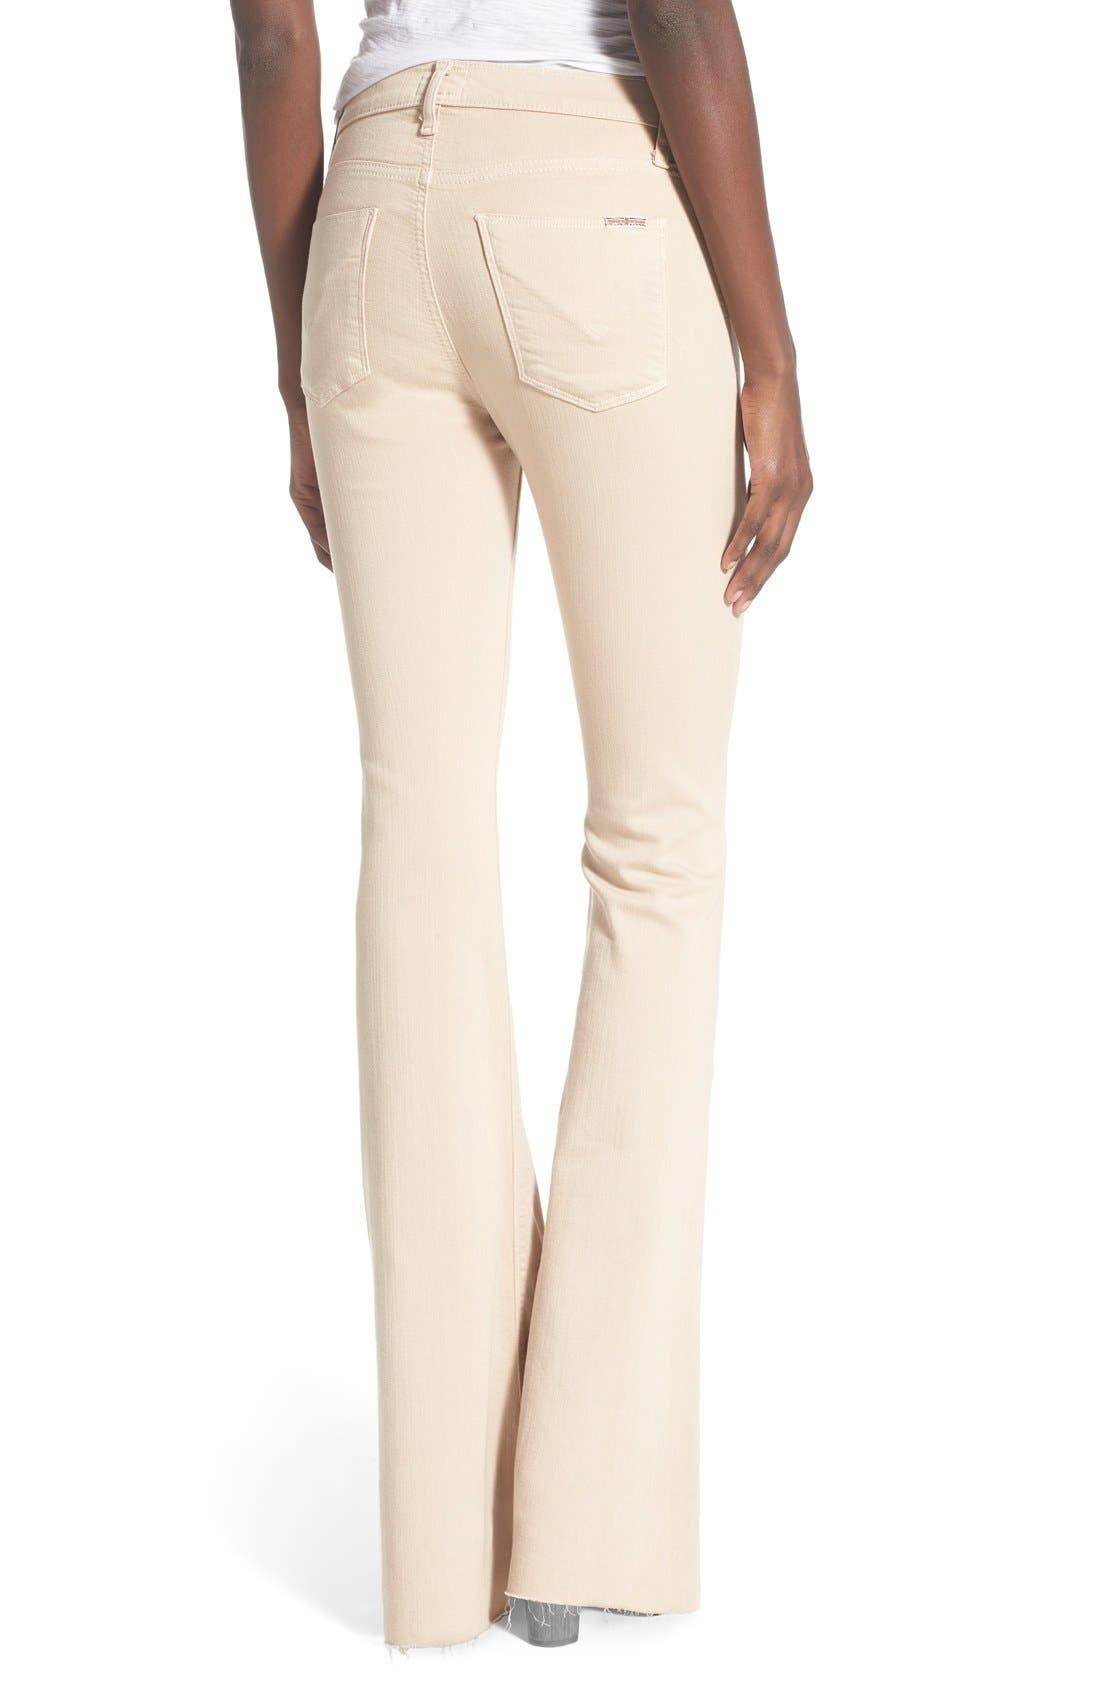 Alternate Image 2  - Hudson Jeans 'Jodi' Flare Jeans (Parachute Khaki)